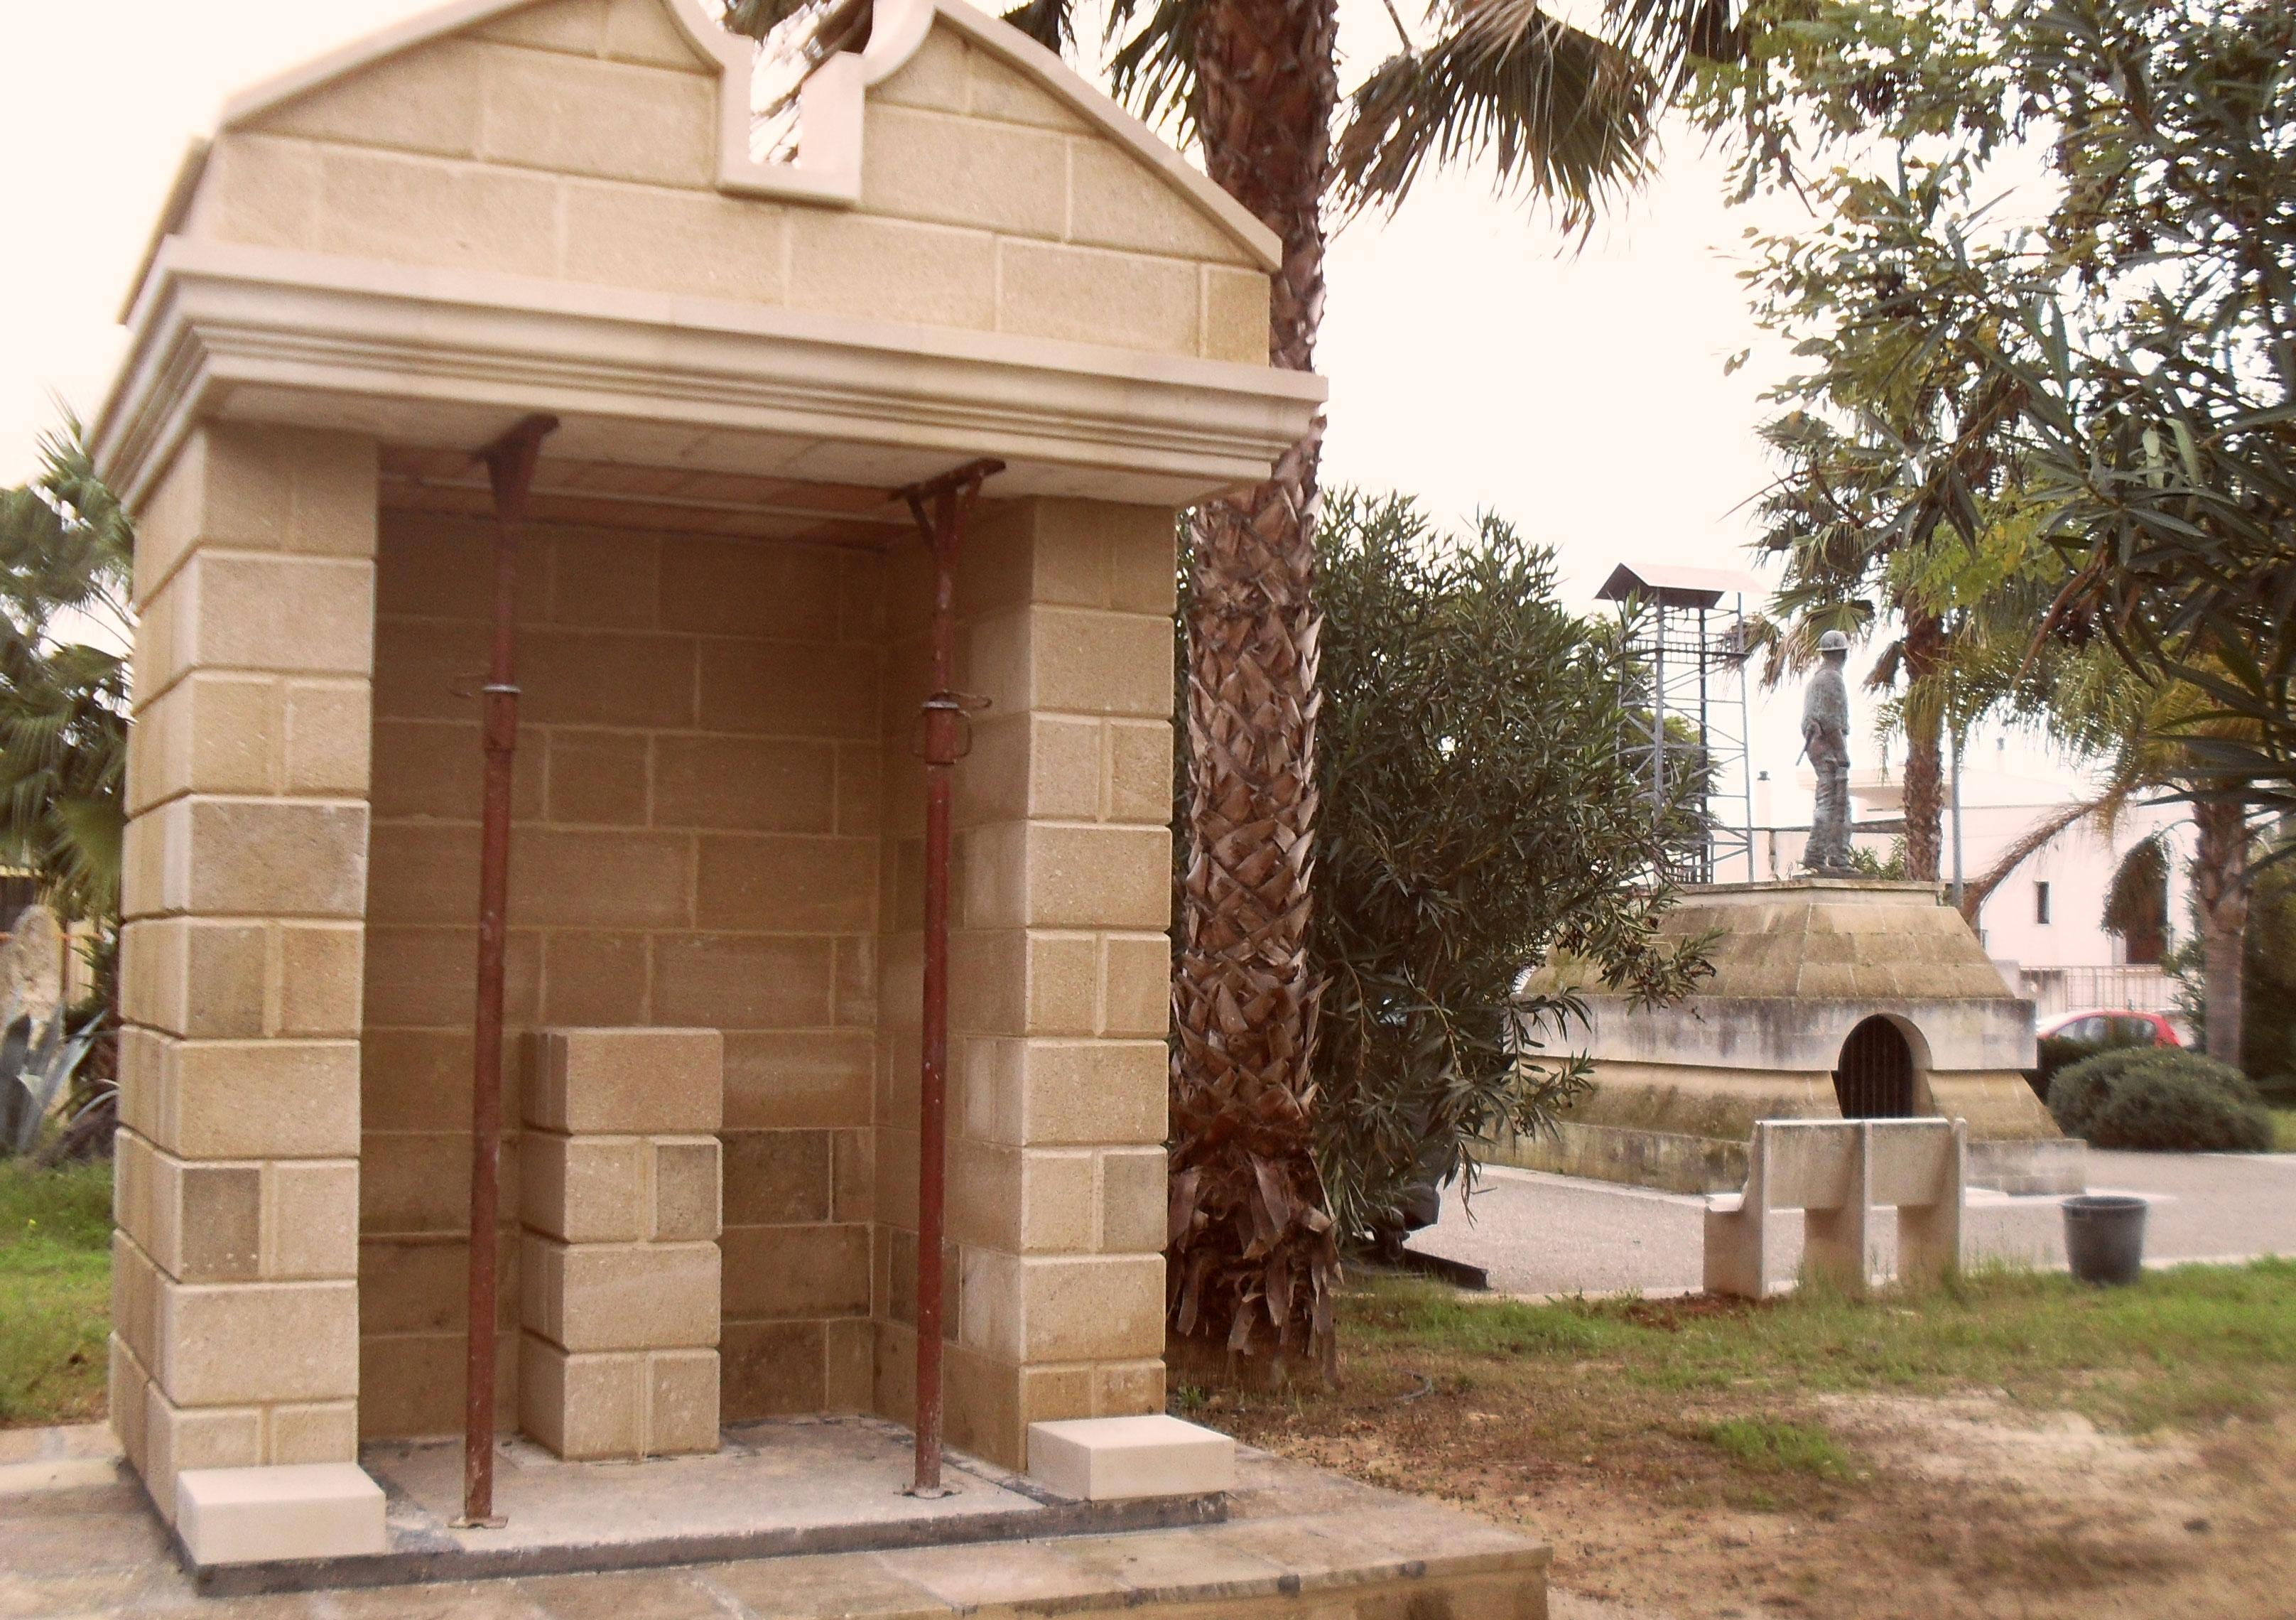 Monumento al minatore ed edicola a S.Barbara costituiscono un omaggio a quanti persero la vita nella tragedia in Belgio. A destra l'edicola; sotto Agostino Margari